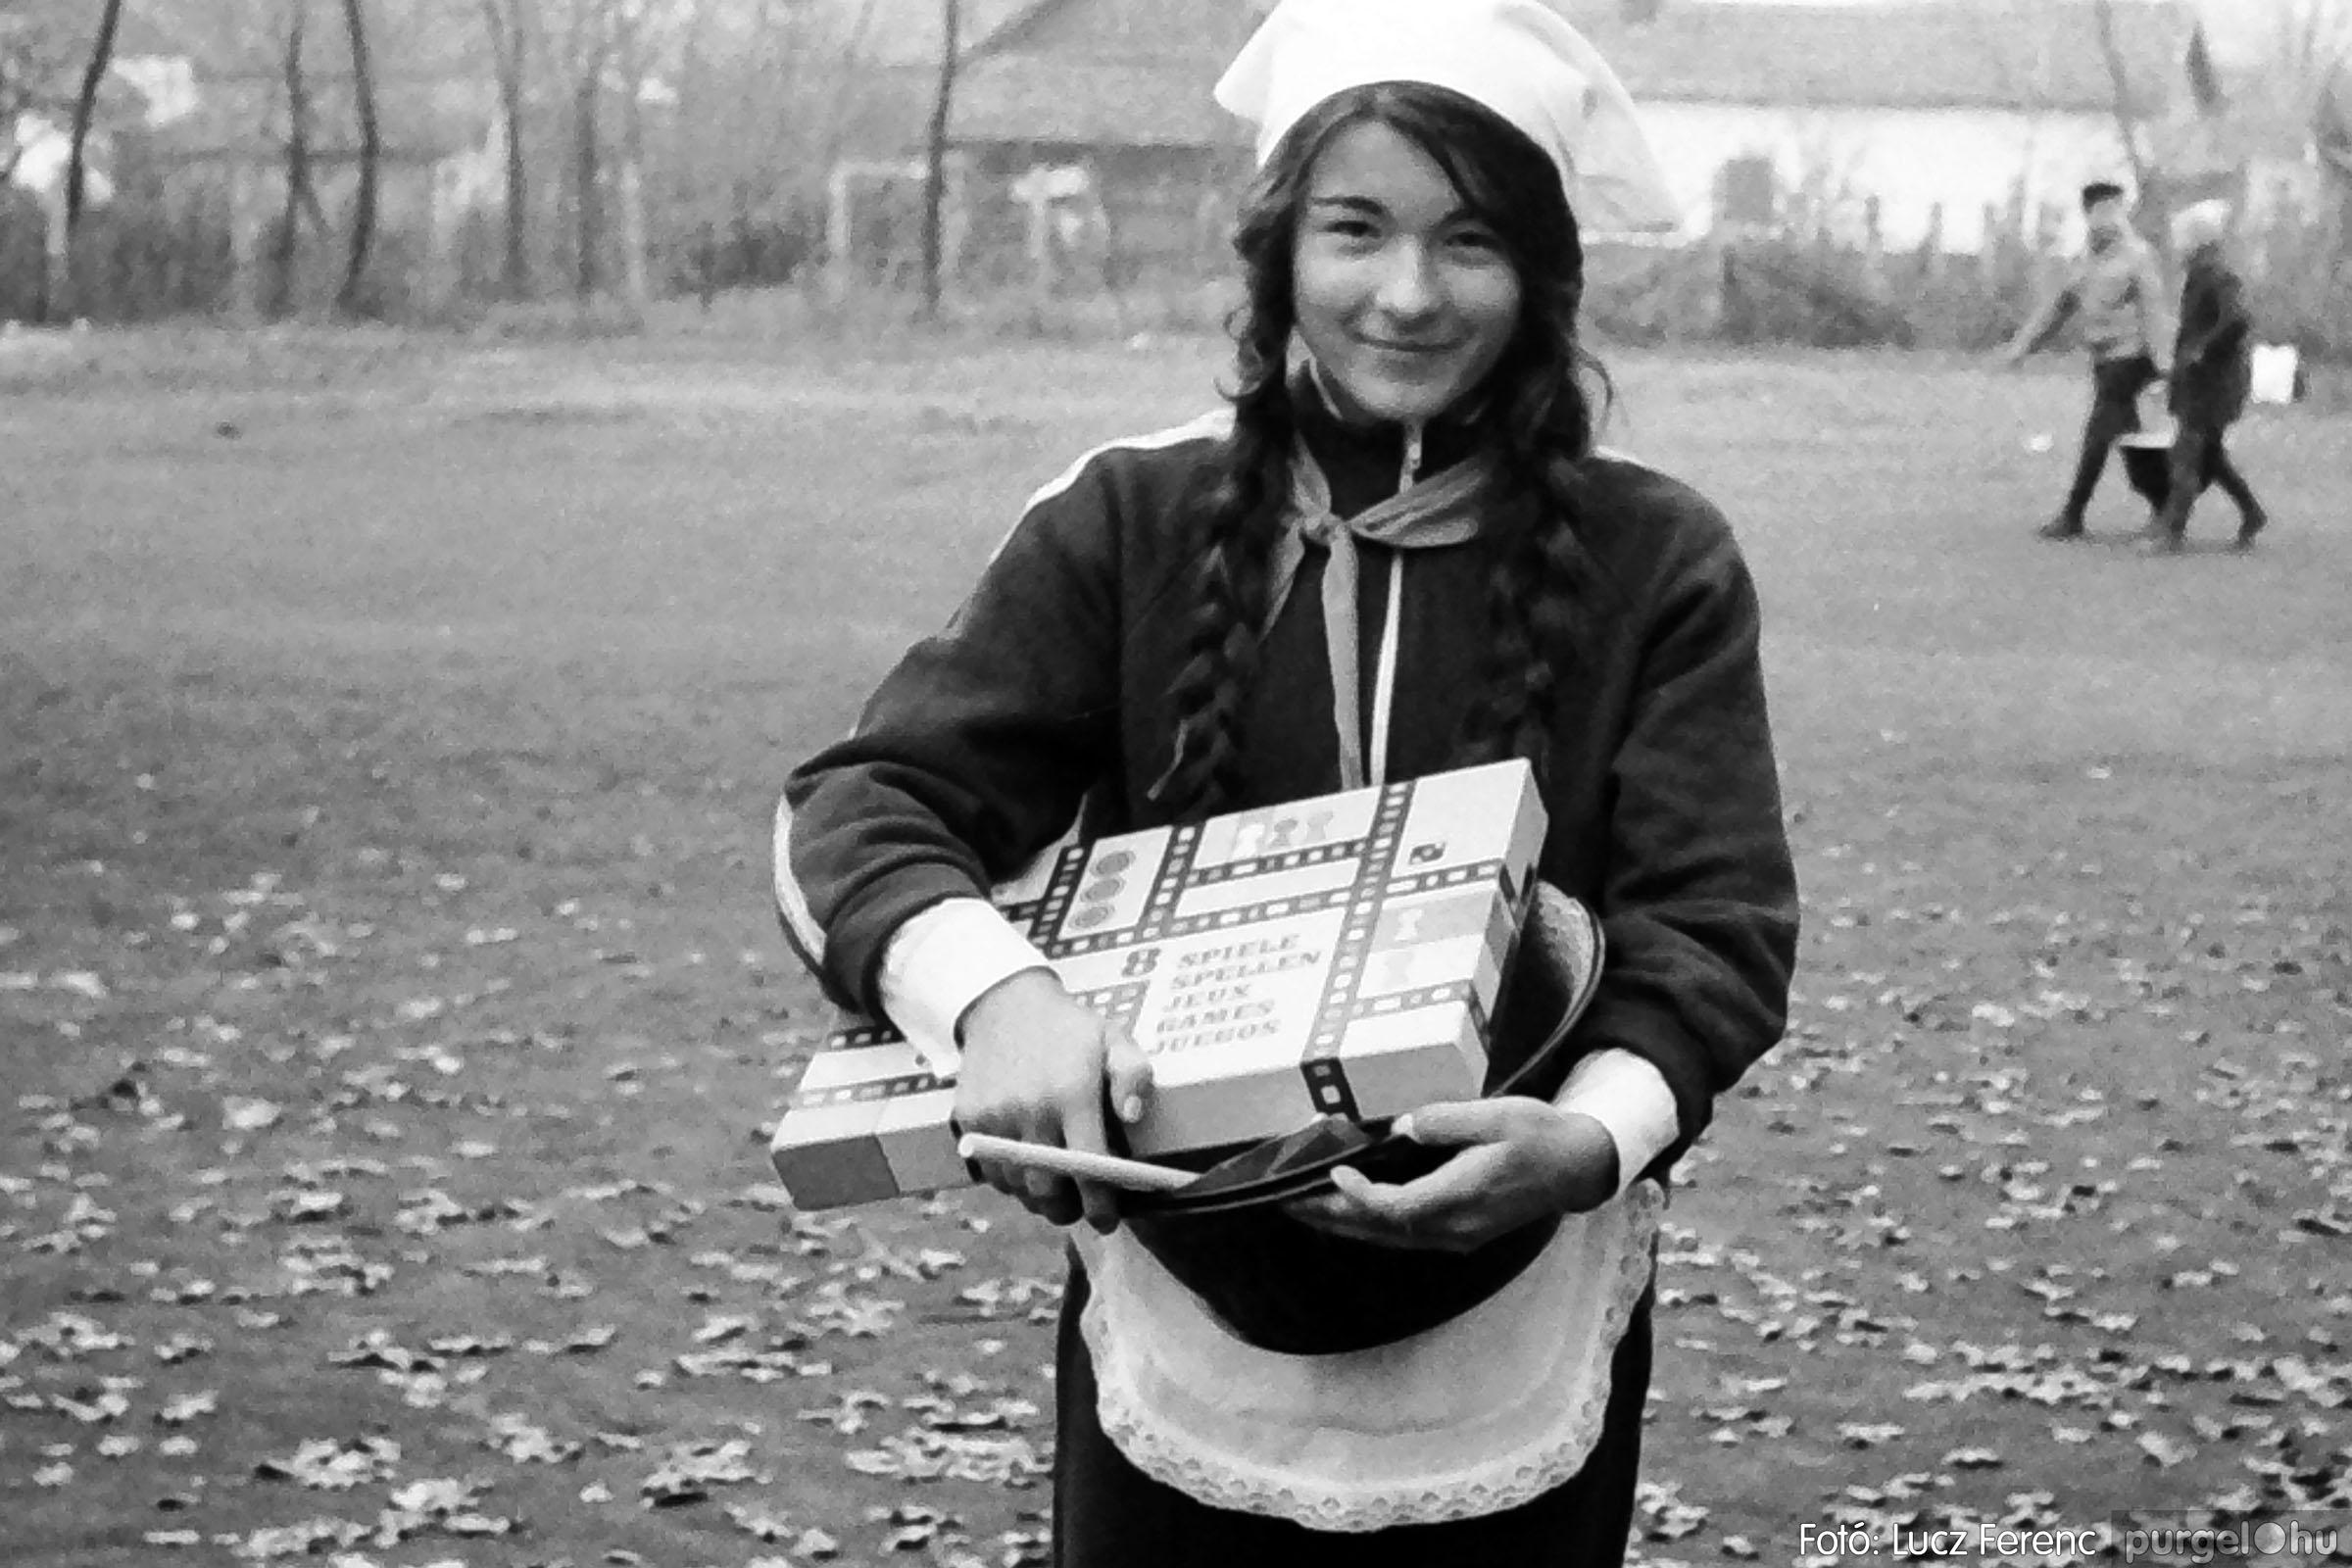 004A 1970-es évek - Úttörő rendezvény 025 - Fotó: Lucz Ferenc IMG00036q.jpg